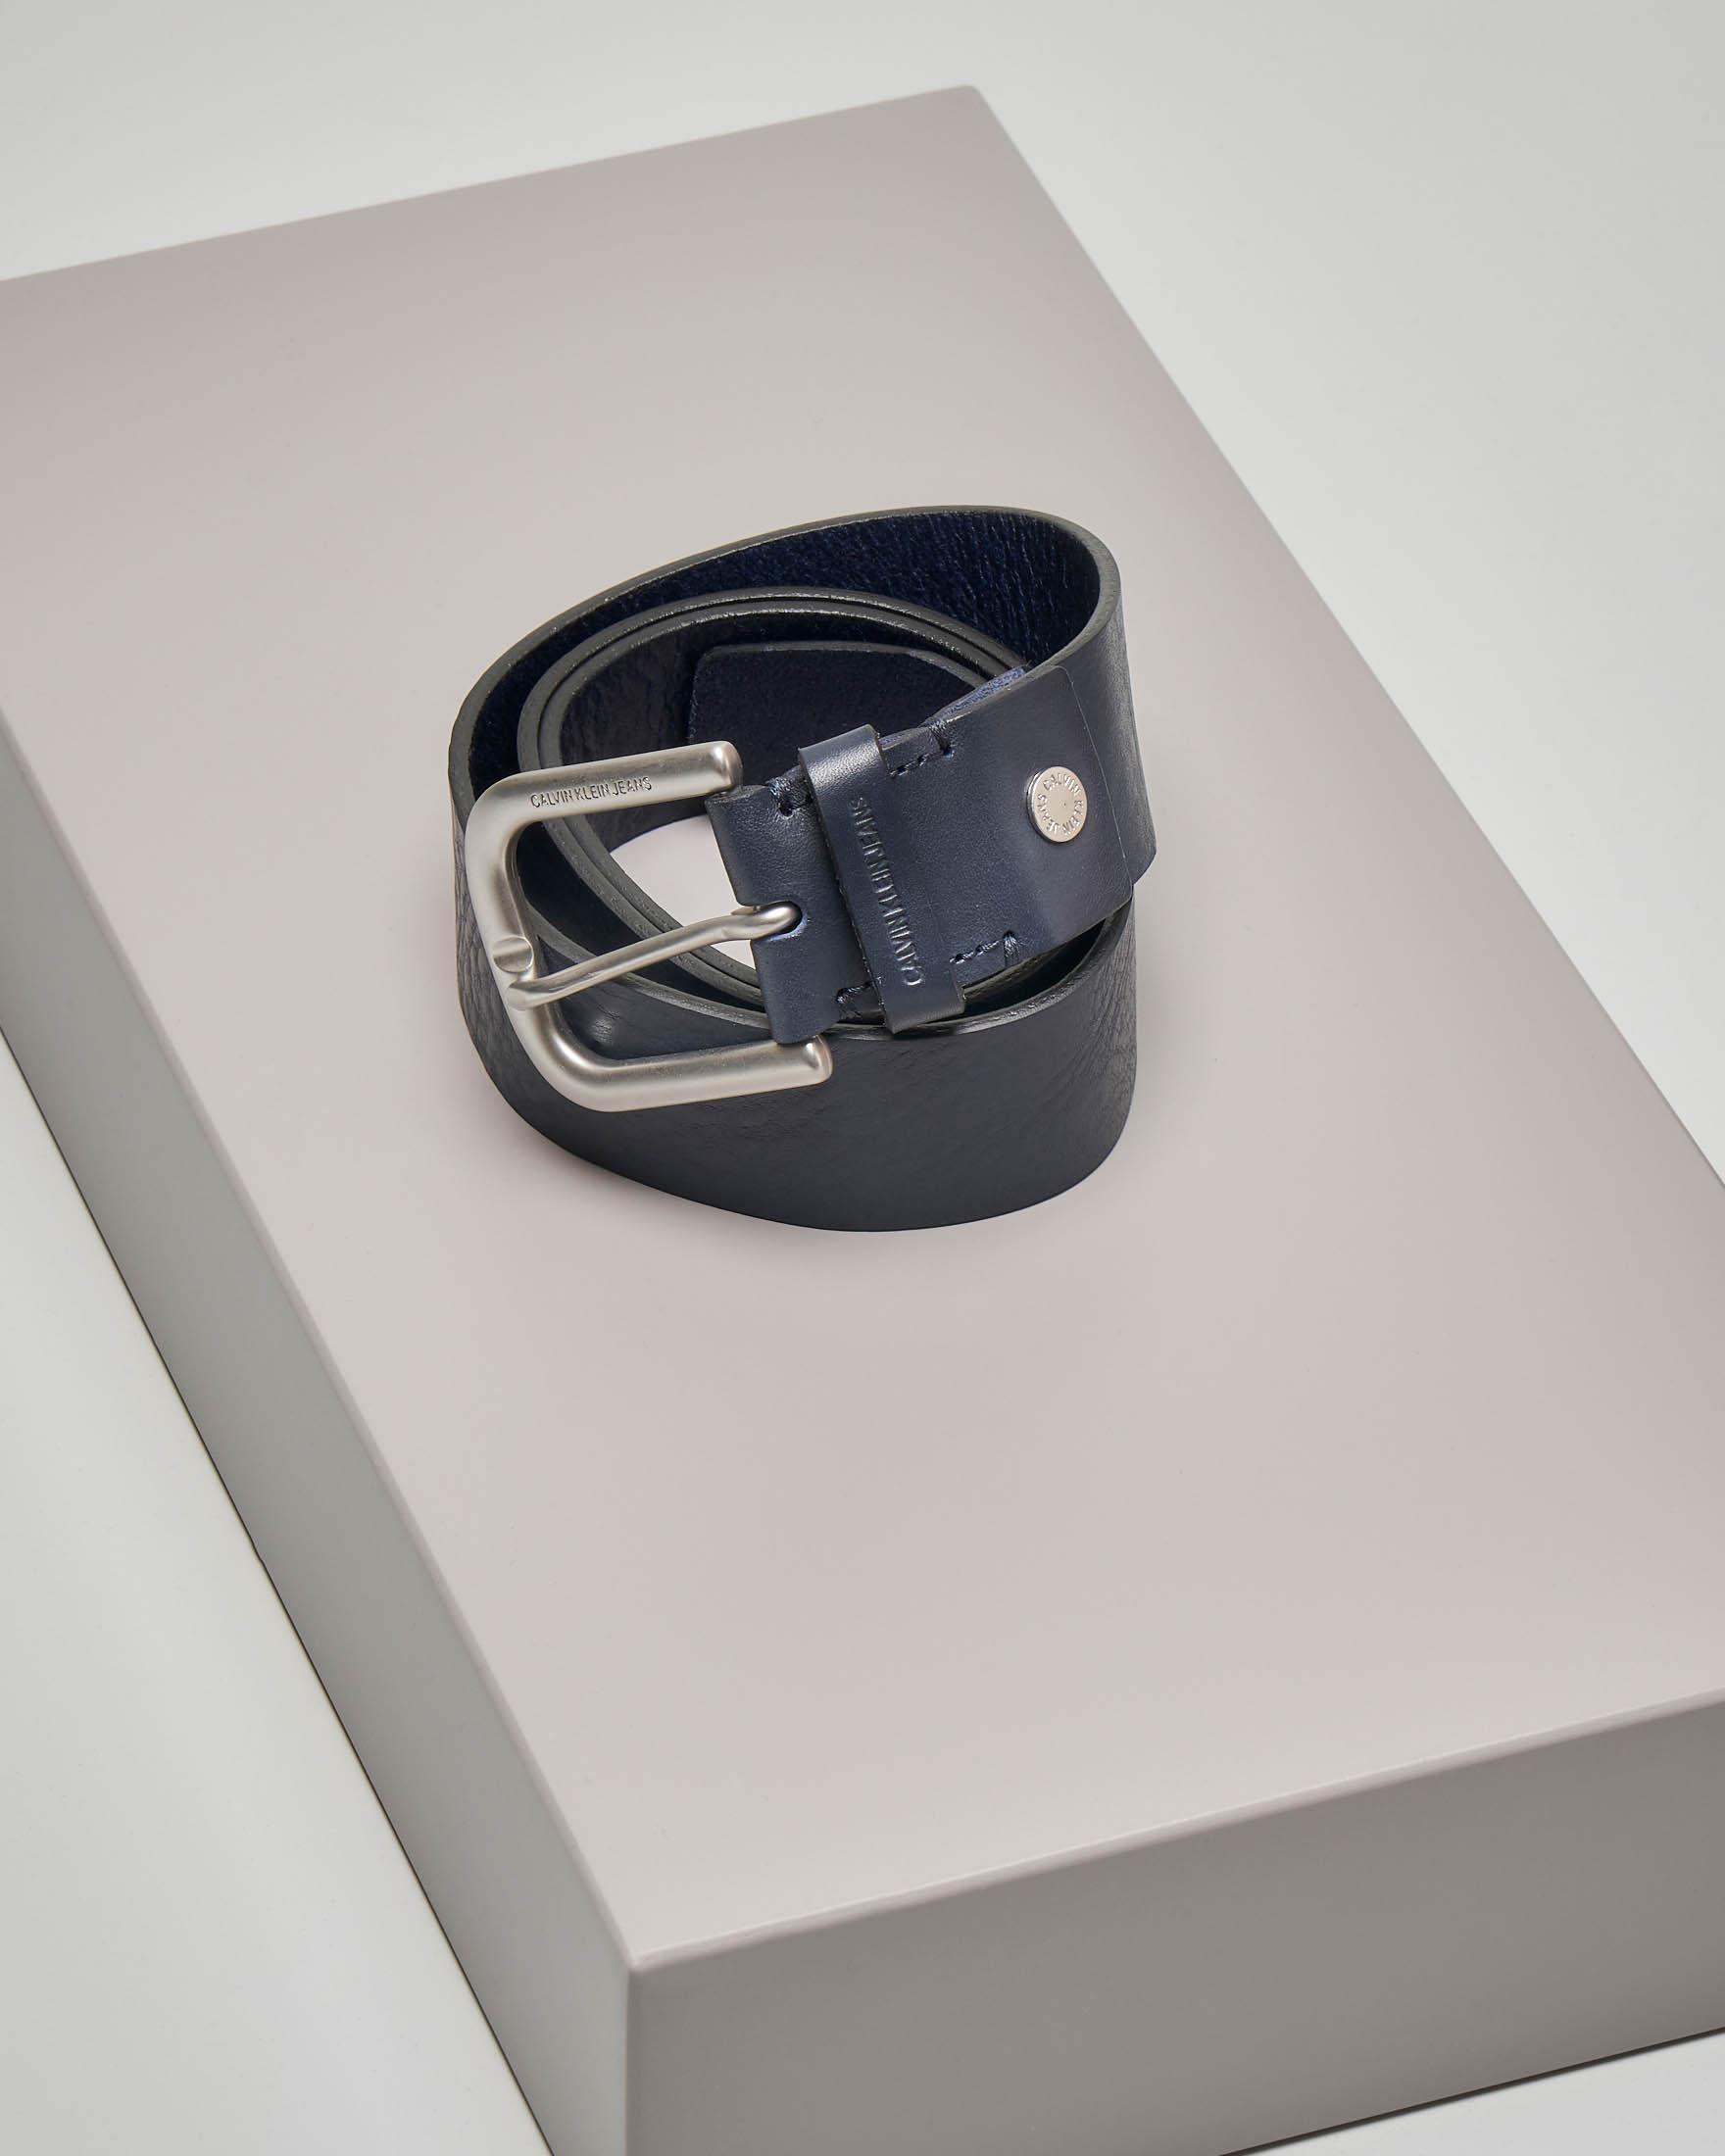 Cintura blu in pelle con fibbia in metallo opaco e passante logato